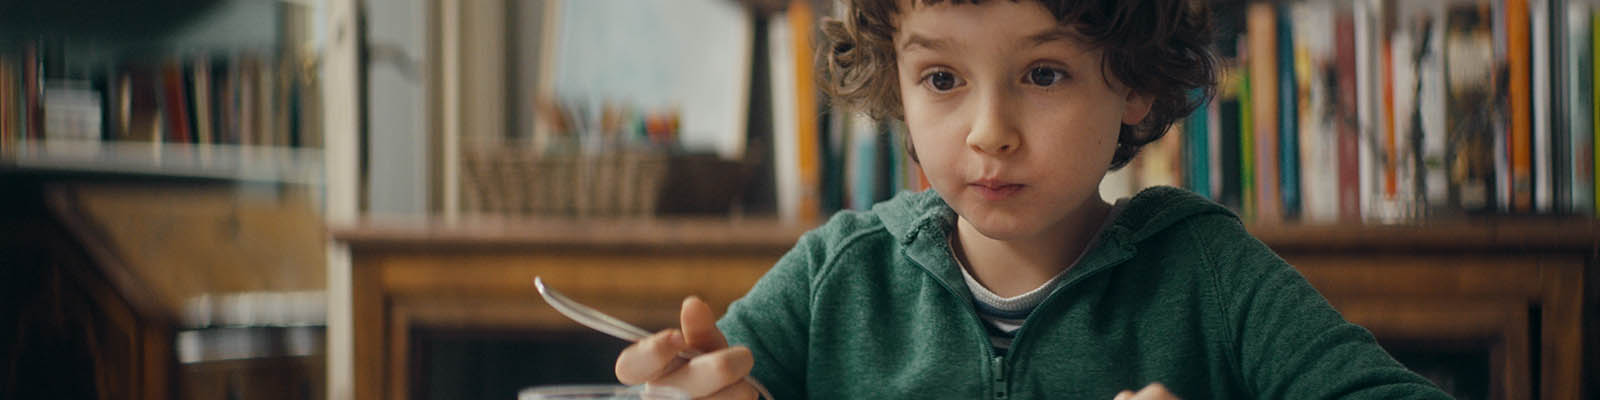 """Pasta Garofalo - Garofalo debuterar på TV med """"God pasta ljuger inte"""""""